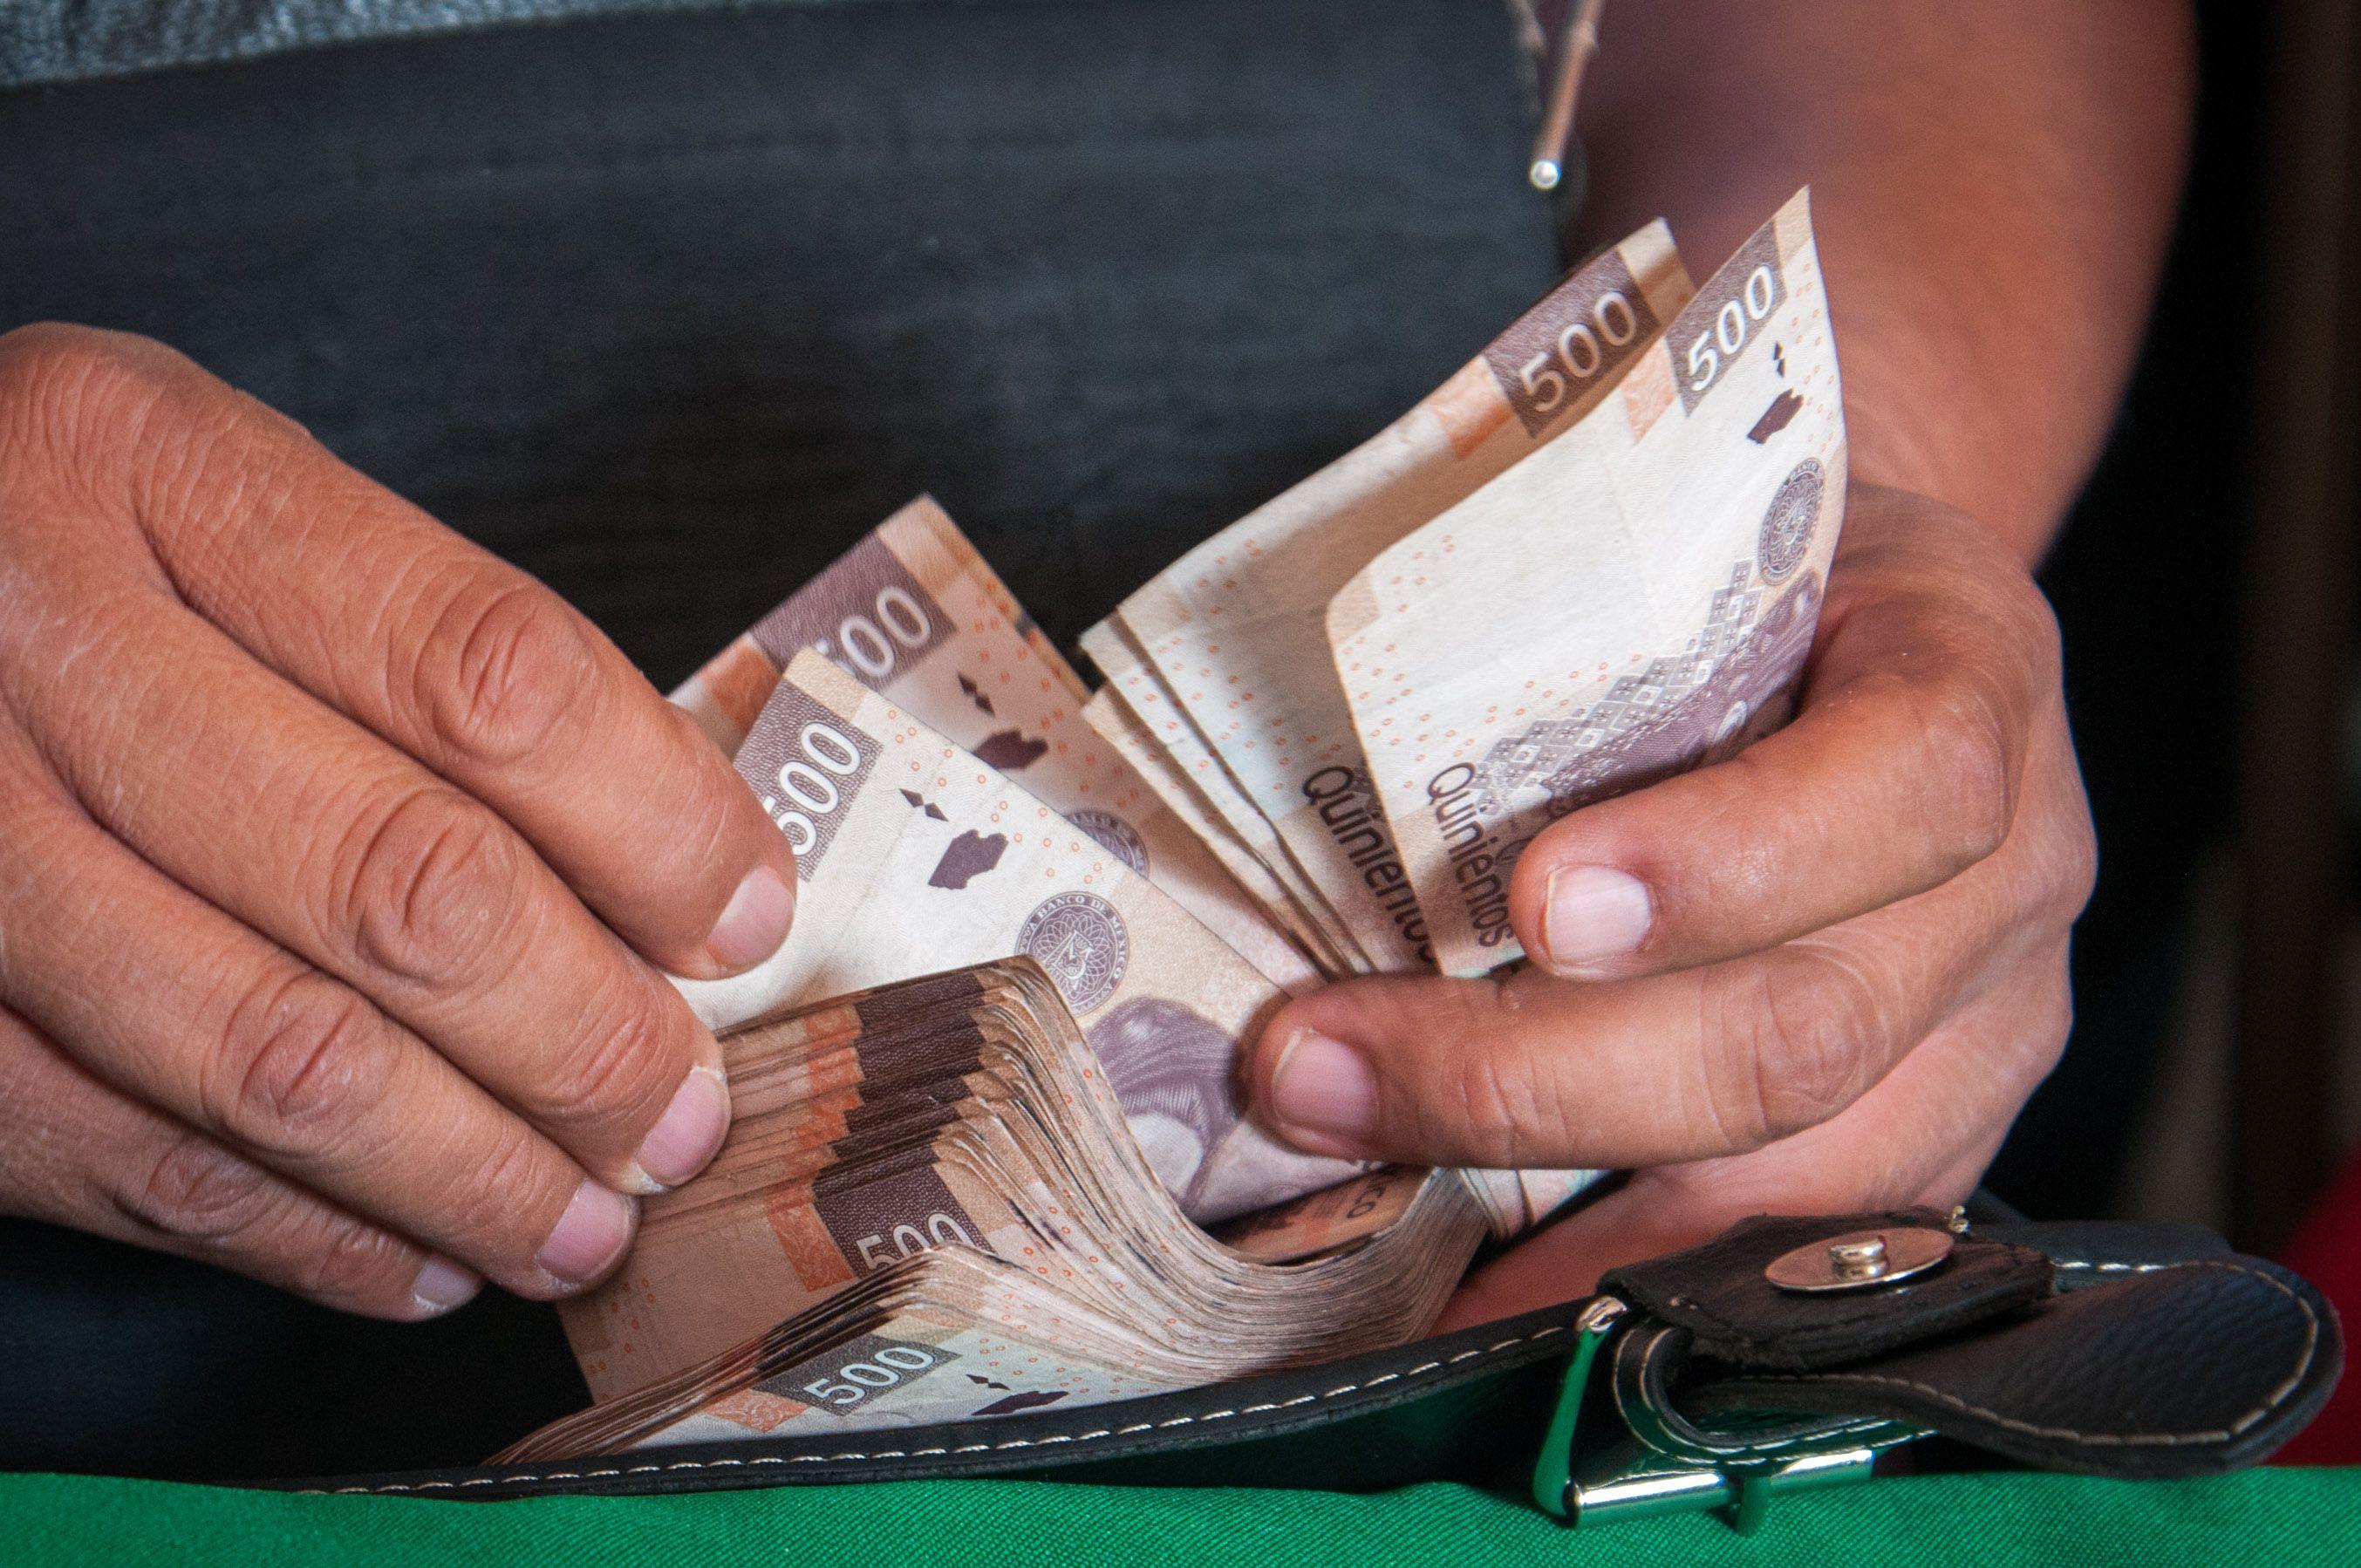 Los recursos corresponden a la compensación del segundo trimestre del año del Fondo de Estabilización de las Entidades Federativas (Foto: Diego Simón Sánchez/ Cuartoscuro)